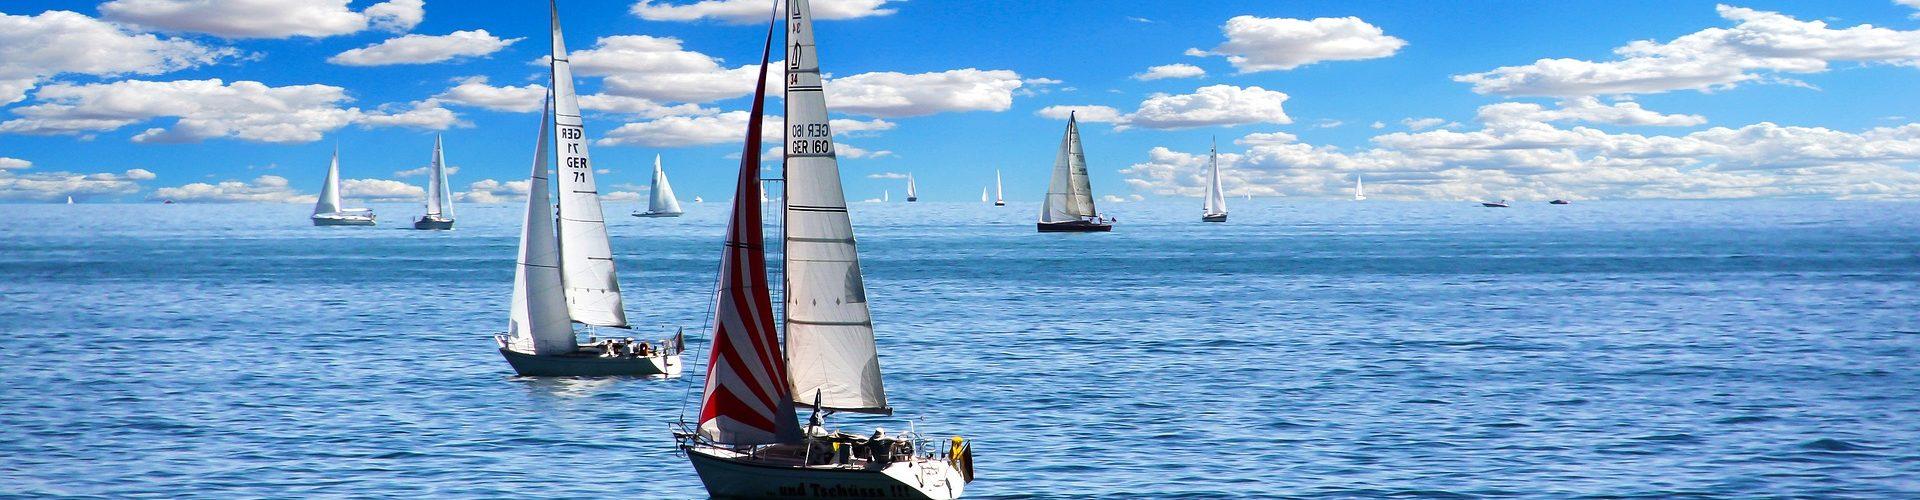 segeln lernen in Wildau segelschein machen in Wildau 1920x500 - Segeln lernen in Wildau